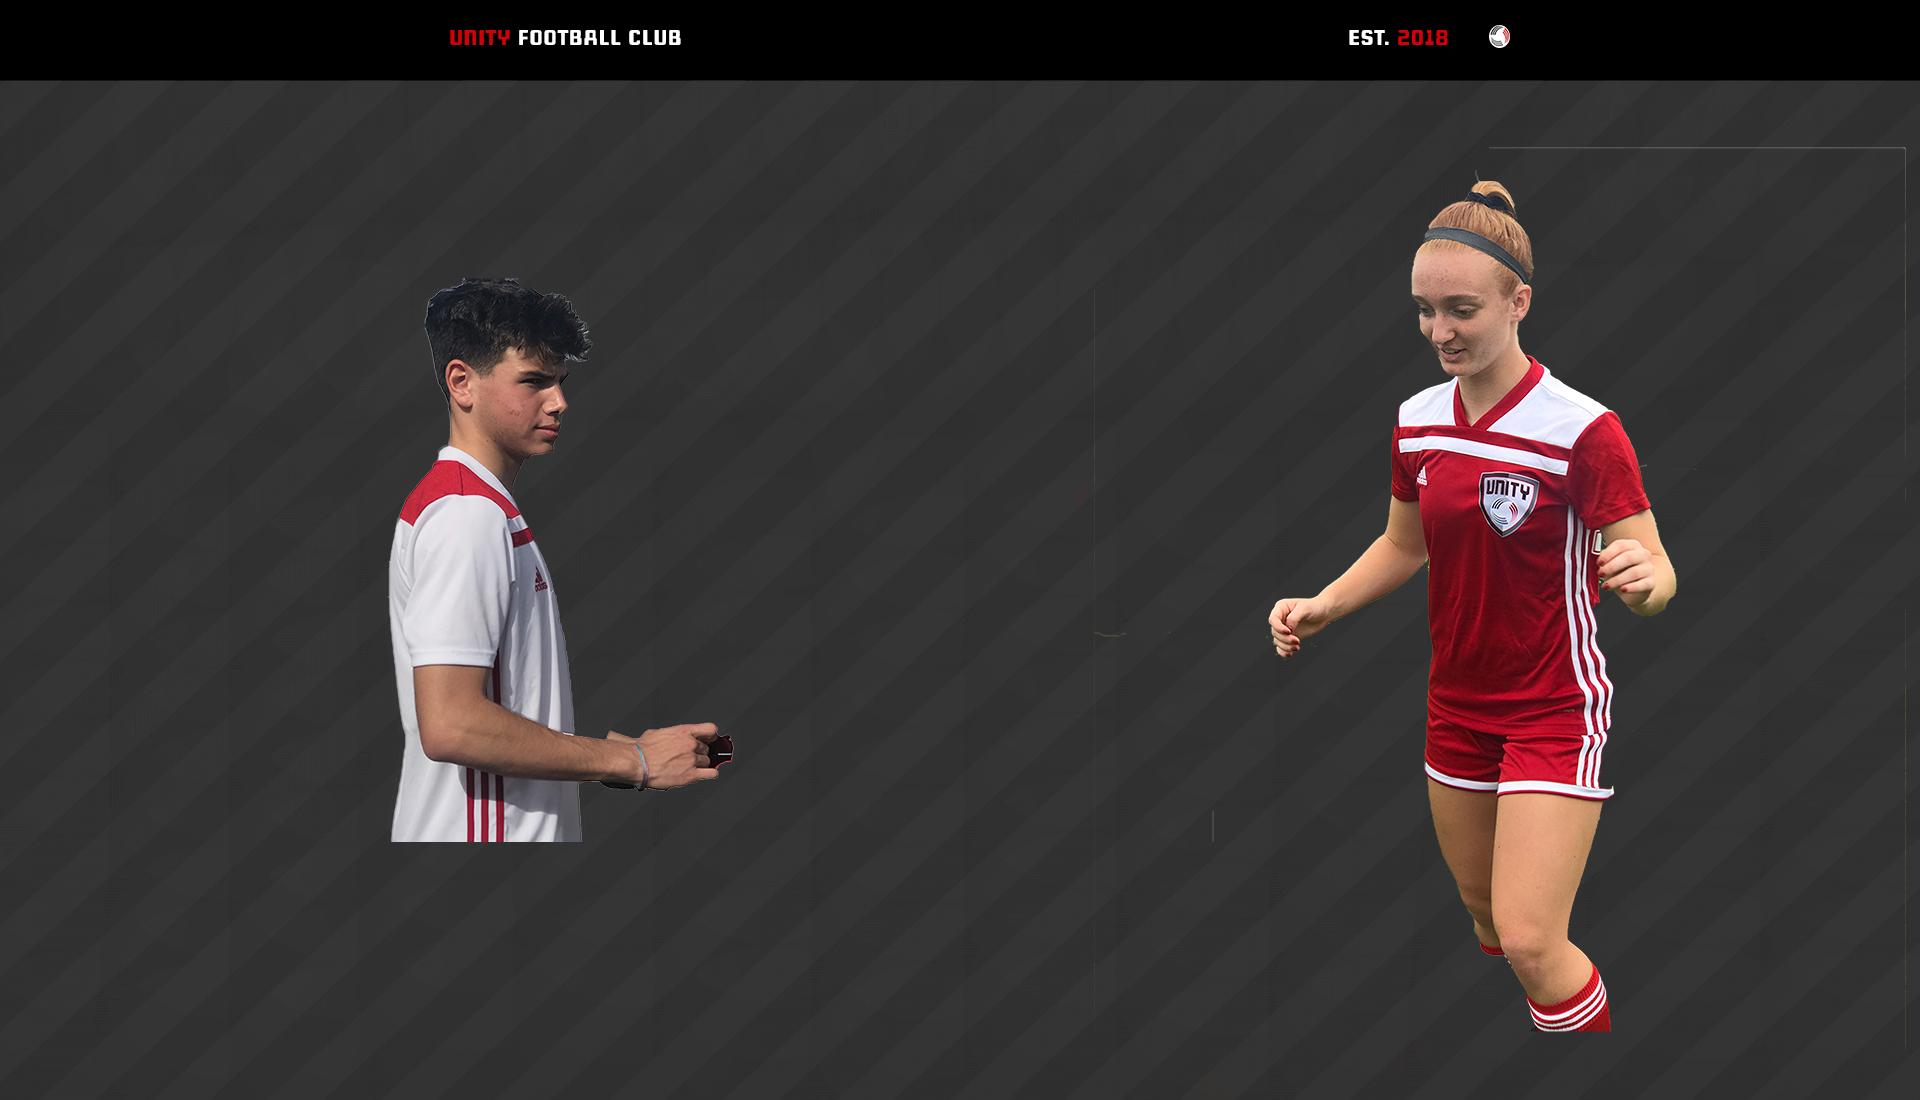 UNITY FC | UNITY Background